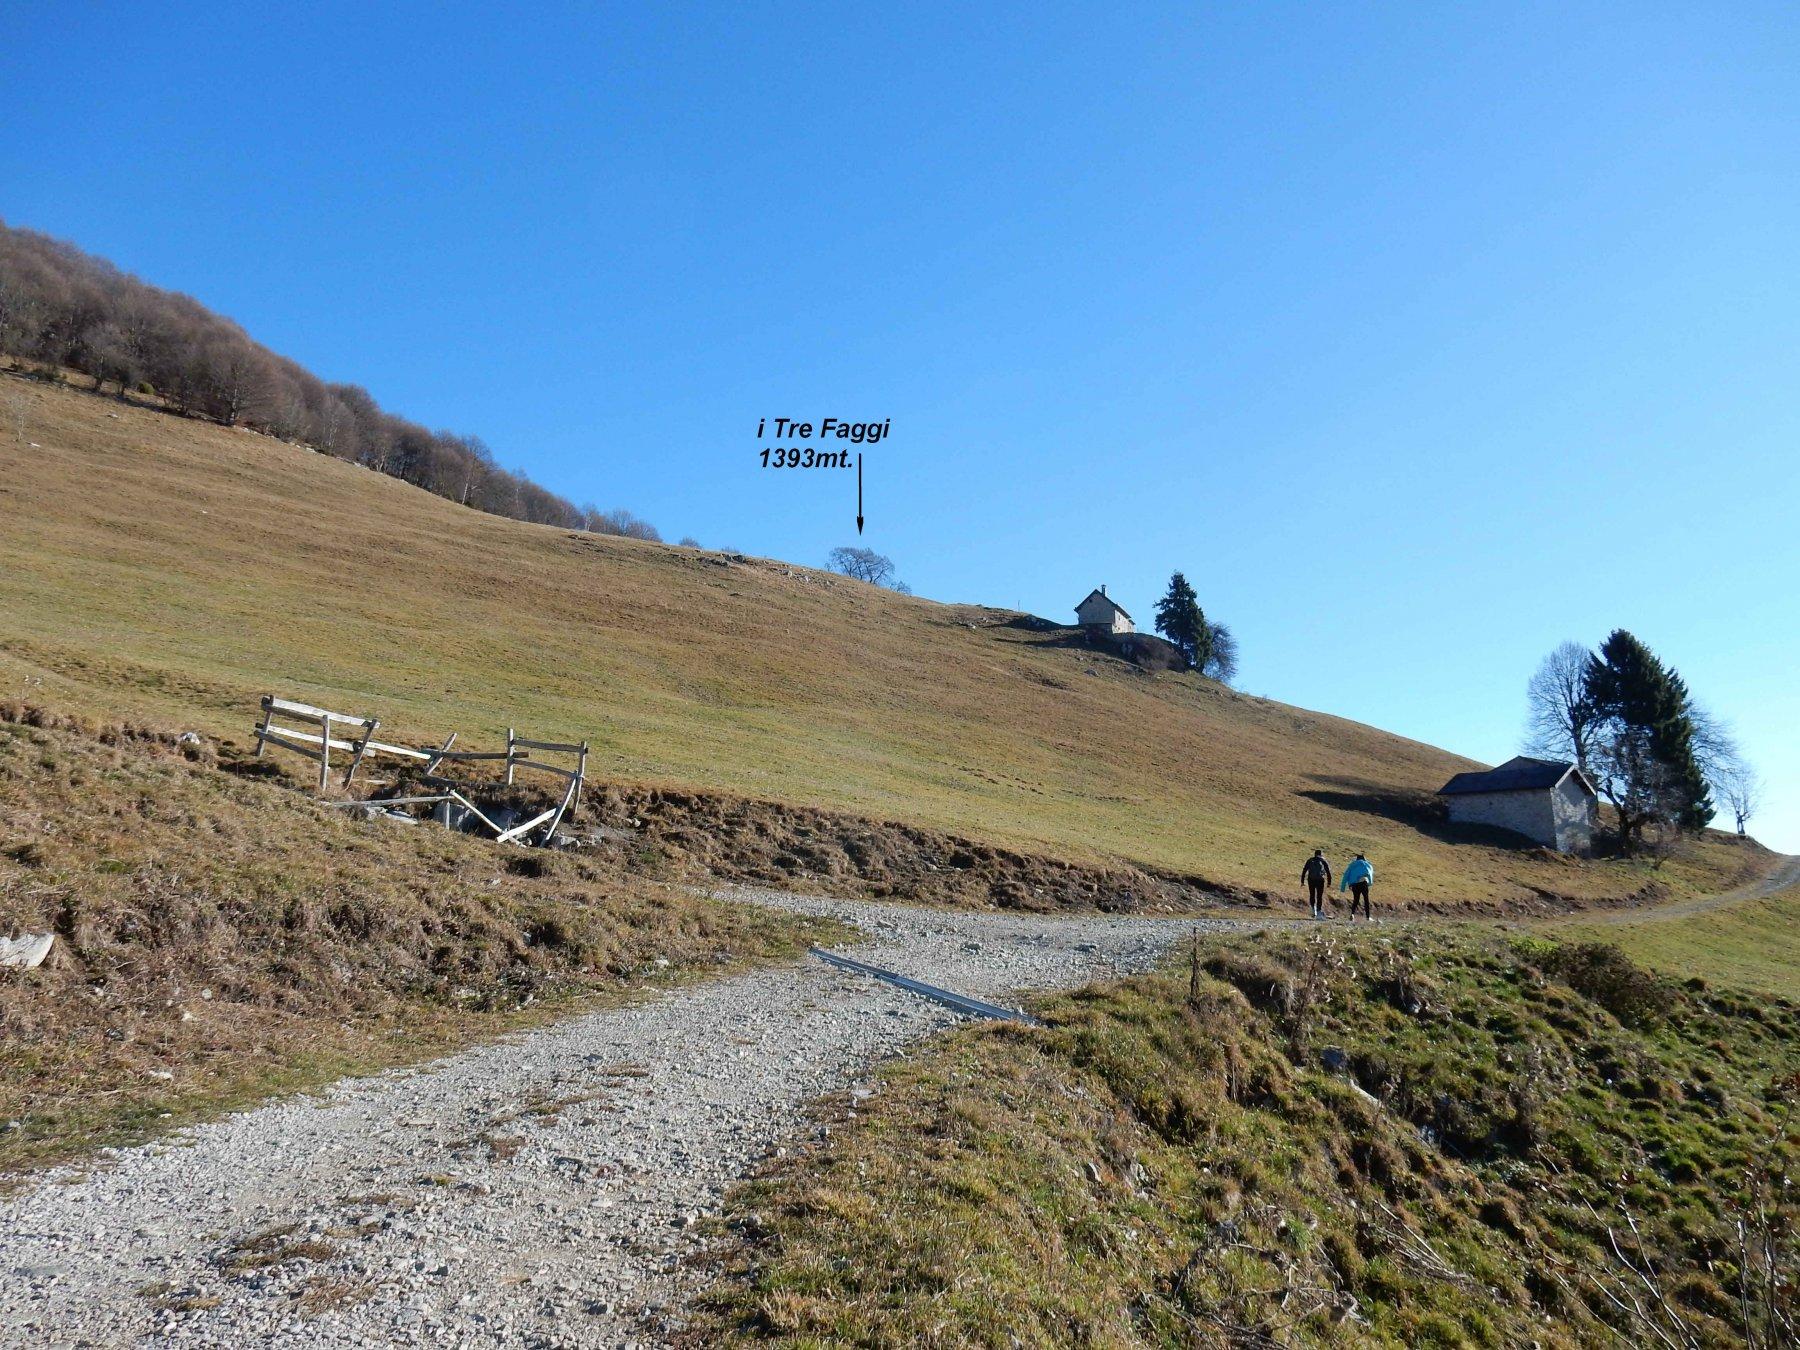 Da Prato Longone vista in alto sui Tre Faggi.